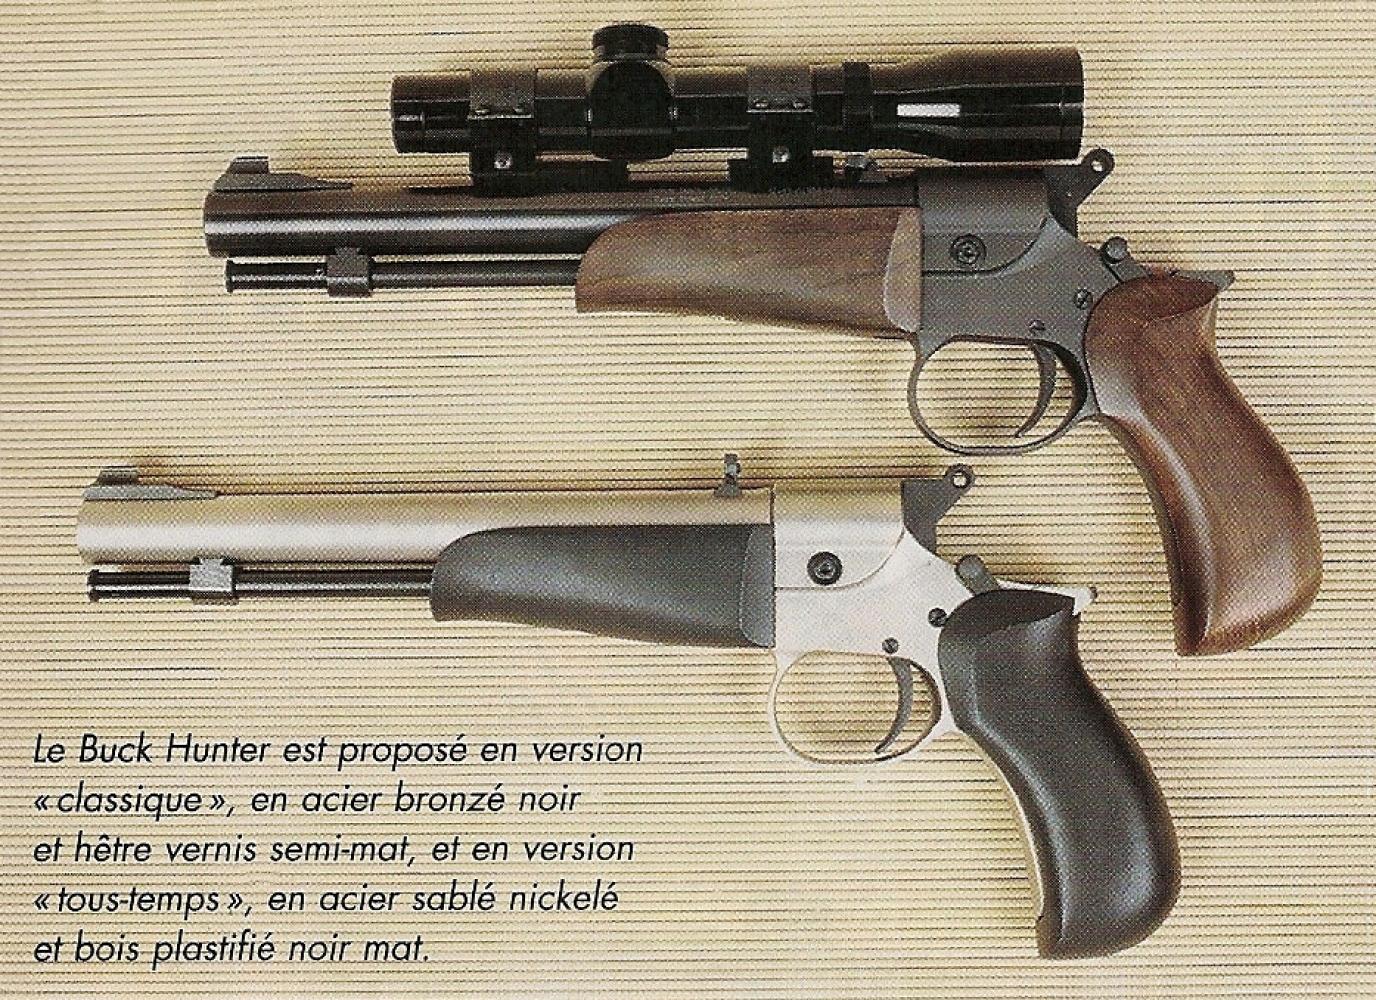 Le Buck Hunter est proposé en version « classique », en acier bronzé noir et hêtre vernis semi-mat et en version « tous-temps », en acier sablé nickelé et bois plastifié noir mat.